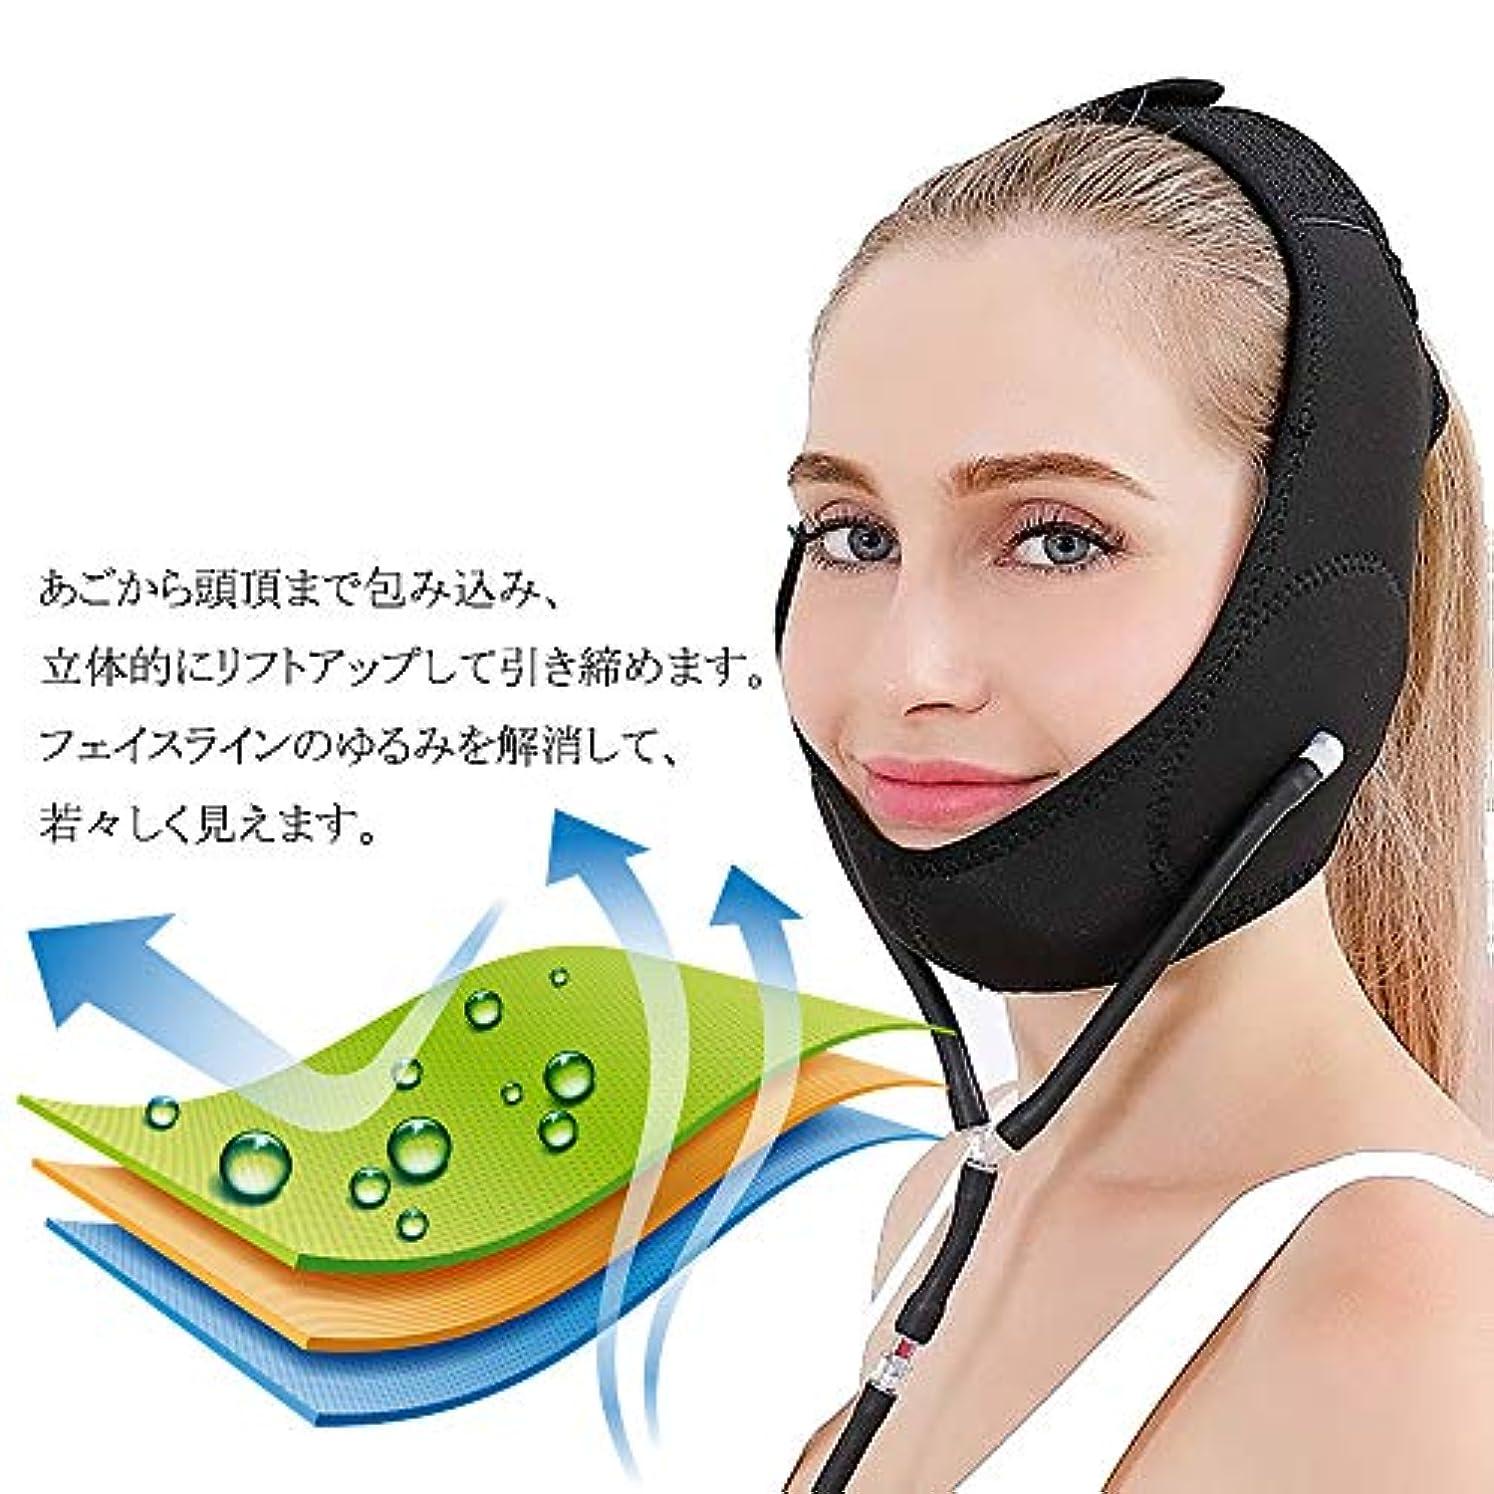 姿勢回路不誠実SHQIDLILAG (ヨイ) エアー 顔やせ マスク 小顔 ほうれい線 空気入れ エアーポンプ 顔のエクササイズ フェイスリフト レディース (フリーサイズ, ピンク) (B)